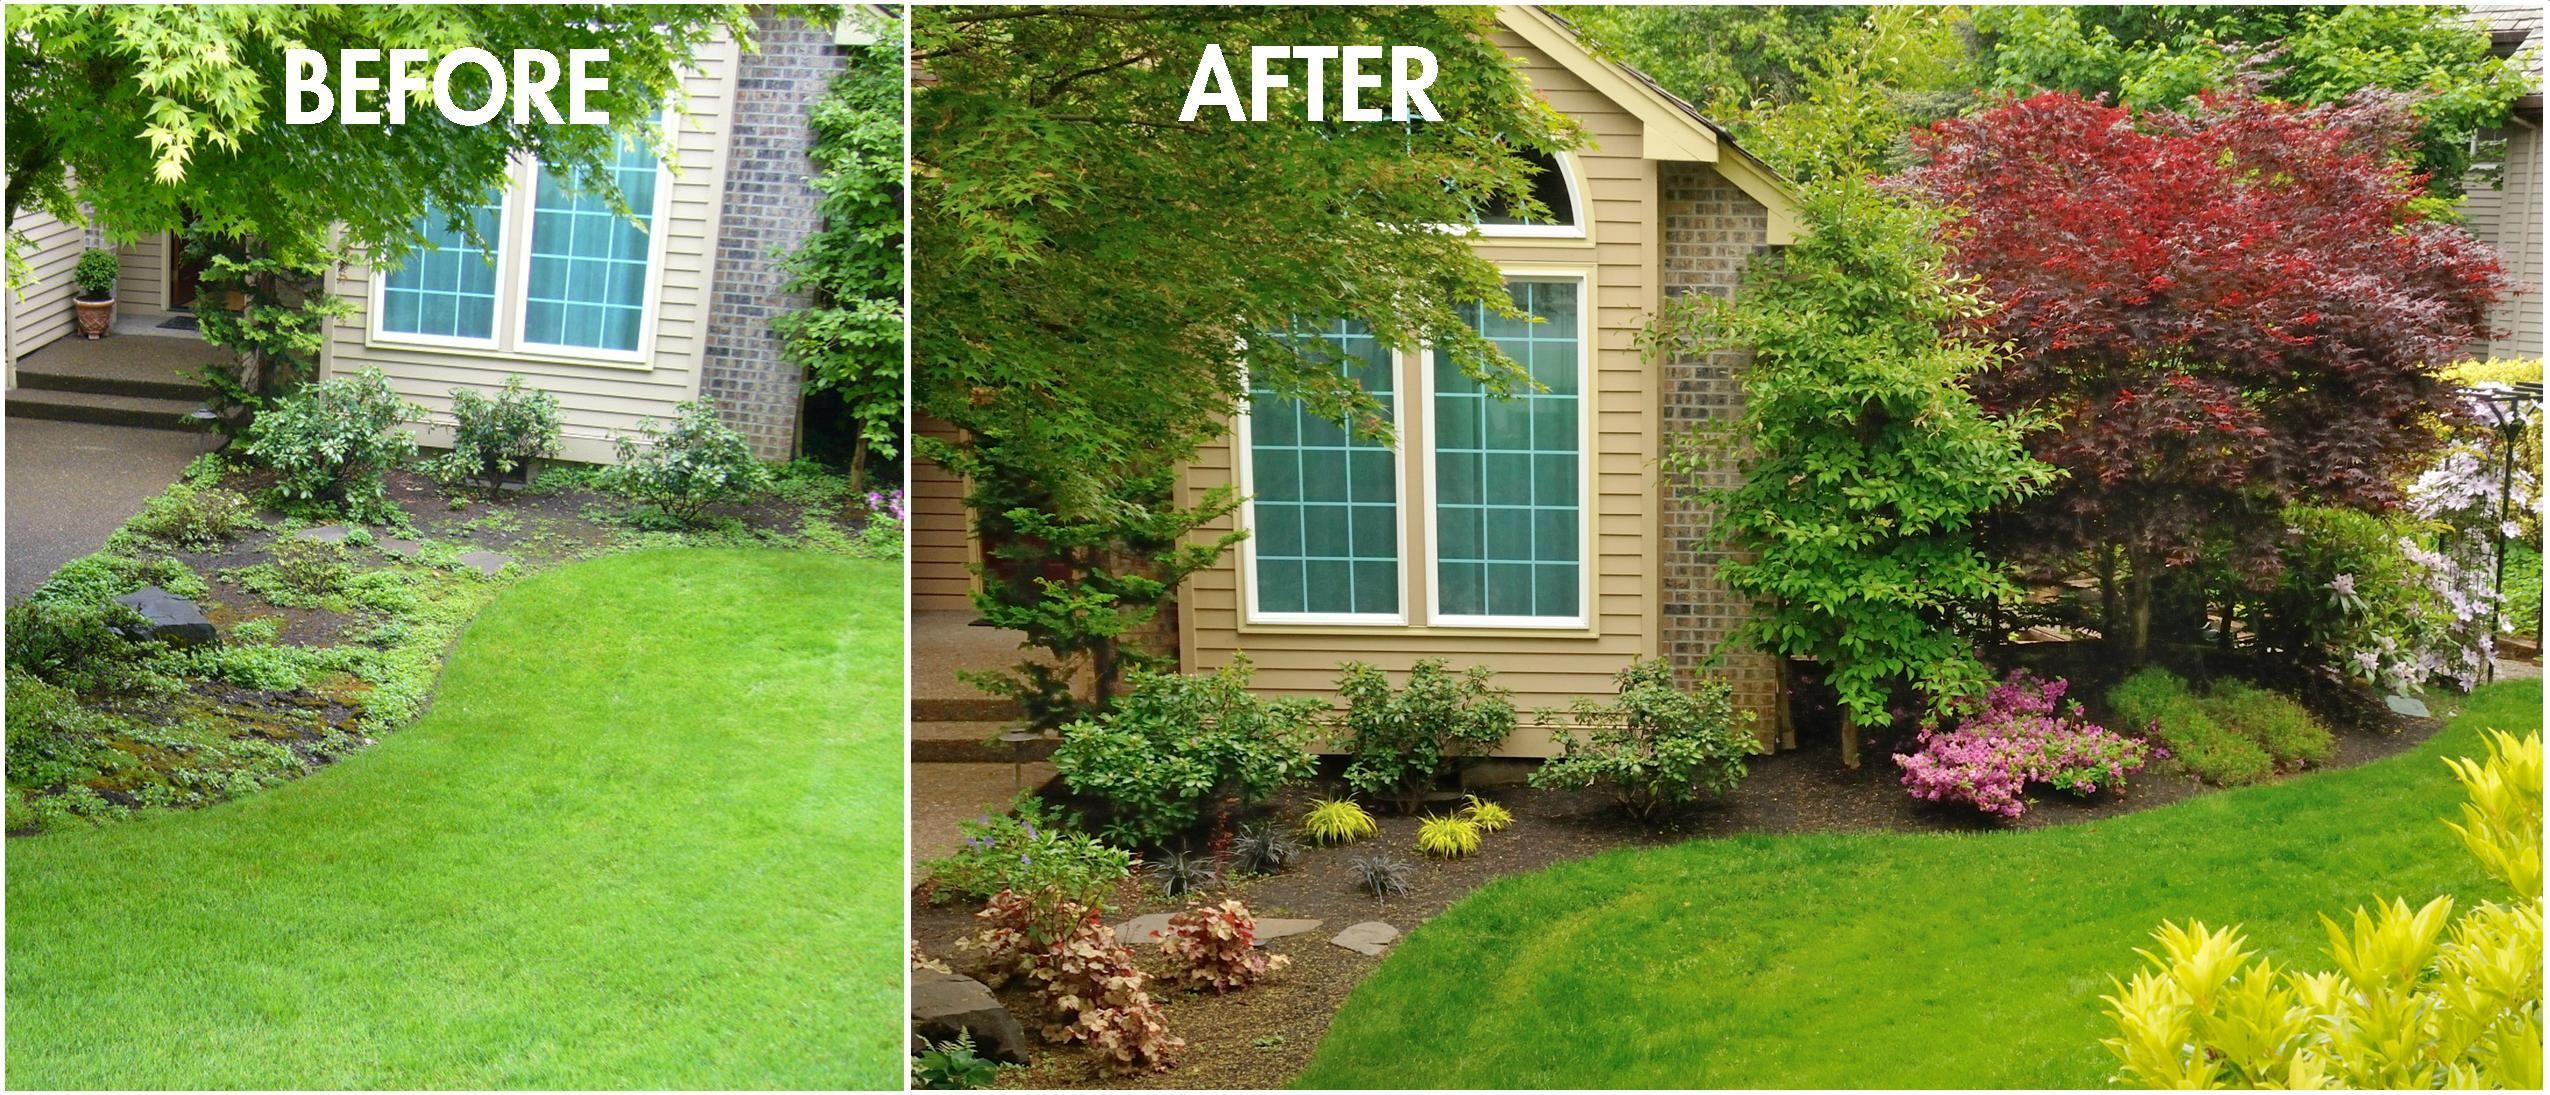 Diy Landscape Design For Beginners Front Yard Landscaping Front Yard Landscaping Design Backyard Landscaping